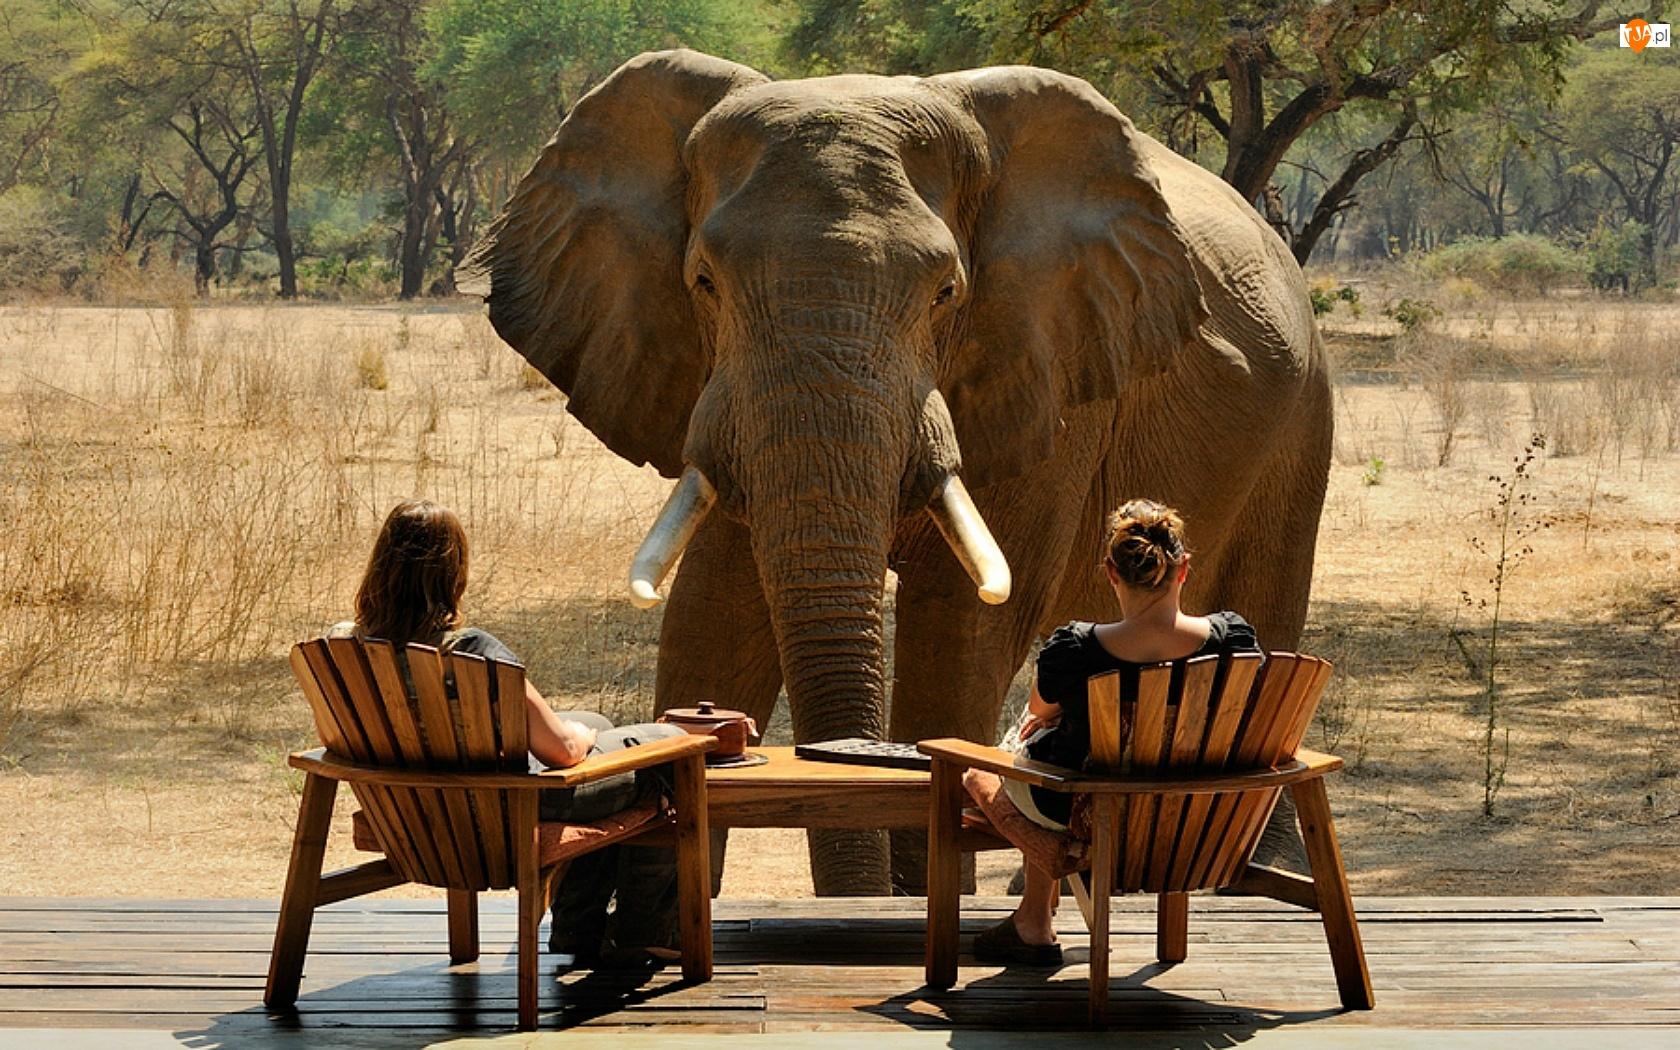 Słoń, Kobiety, Sawanna